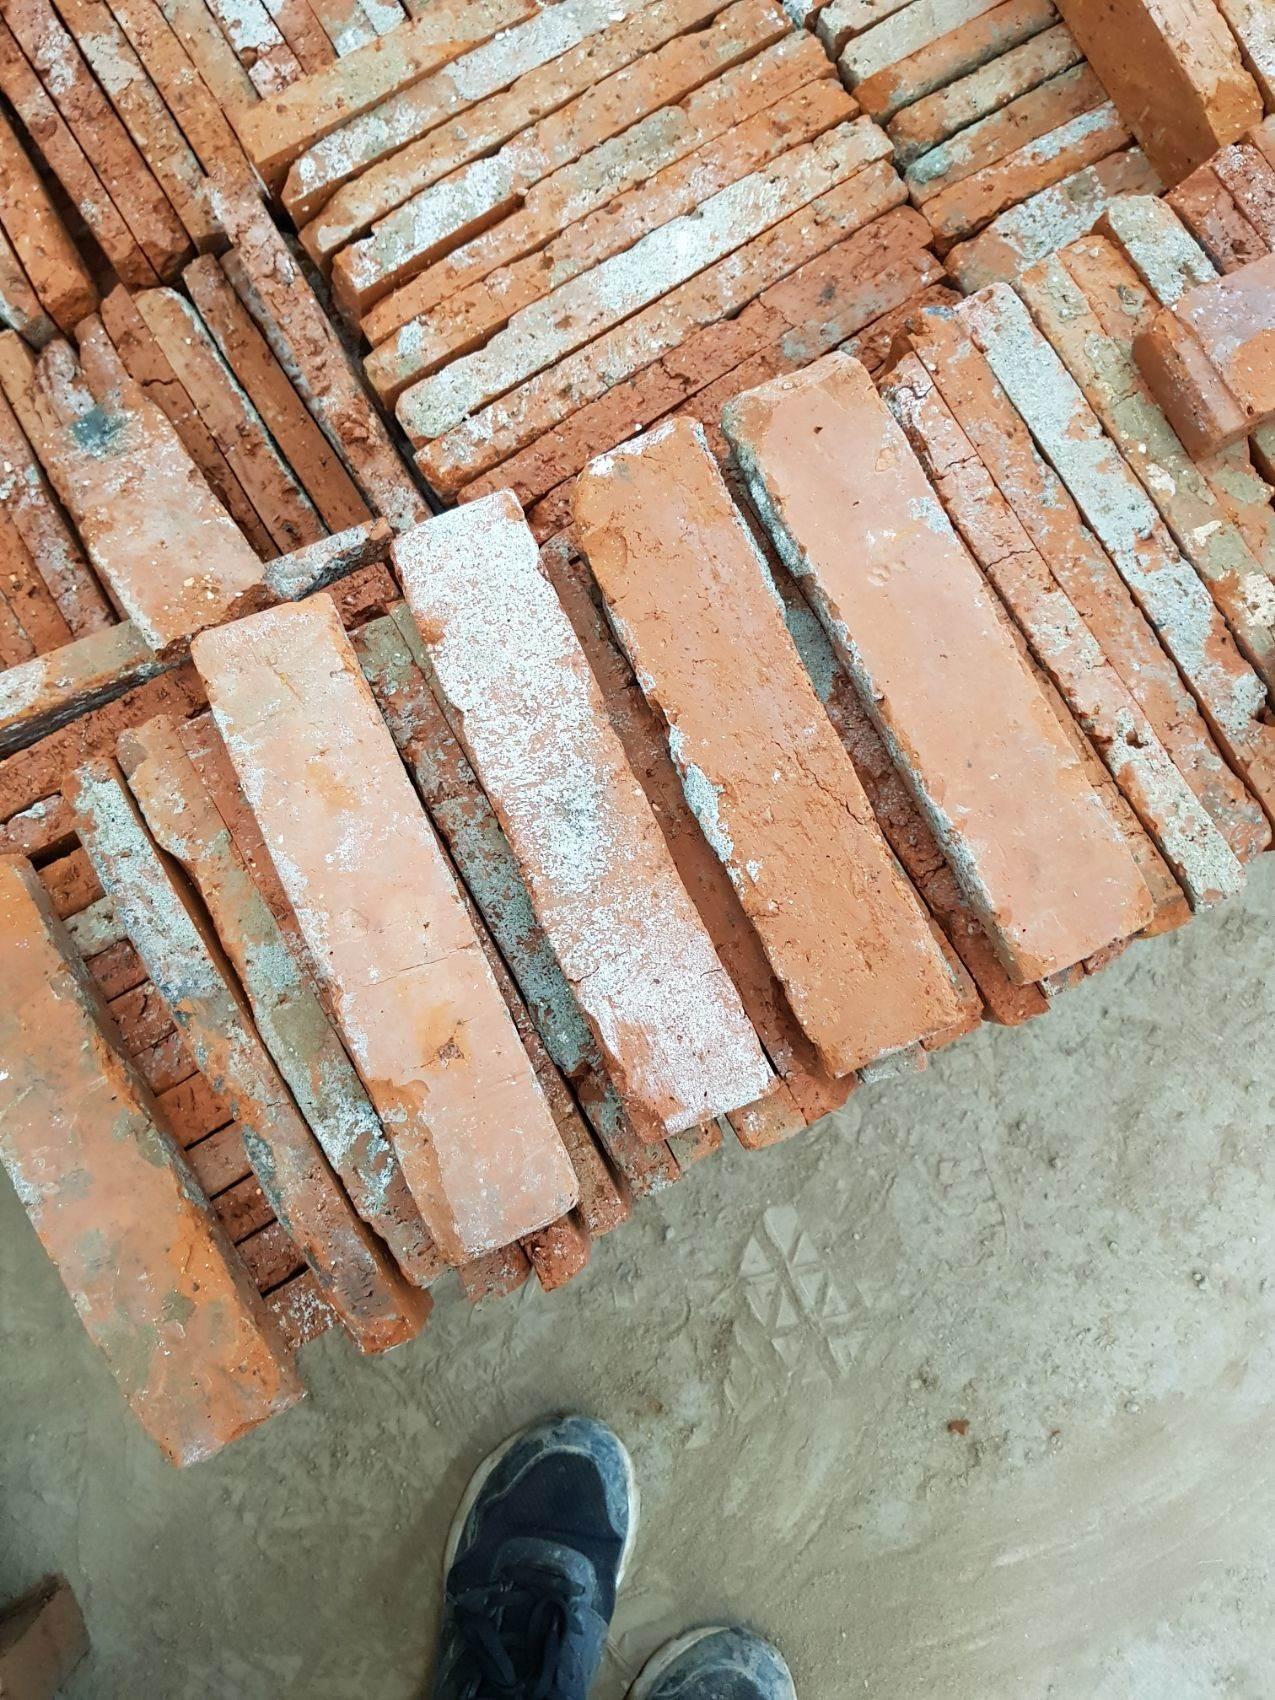 老砖101老红砖切片旧青砖小红砖片外墙砖文化红砖复古红砖